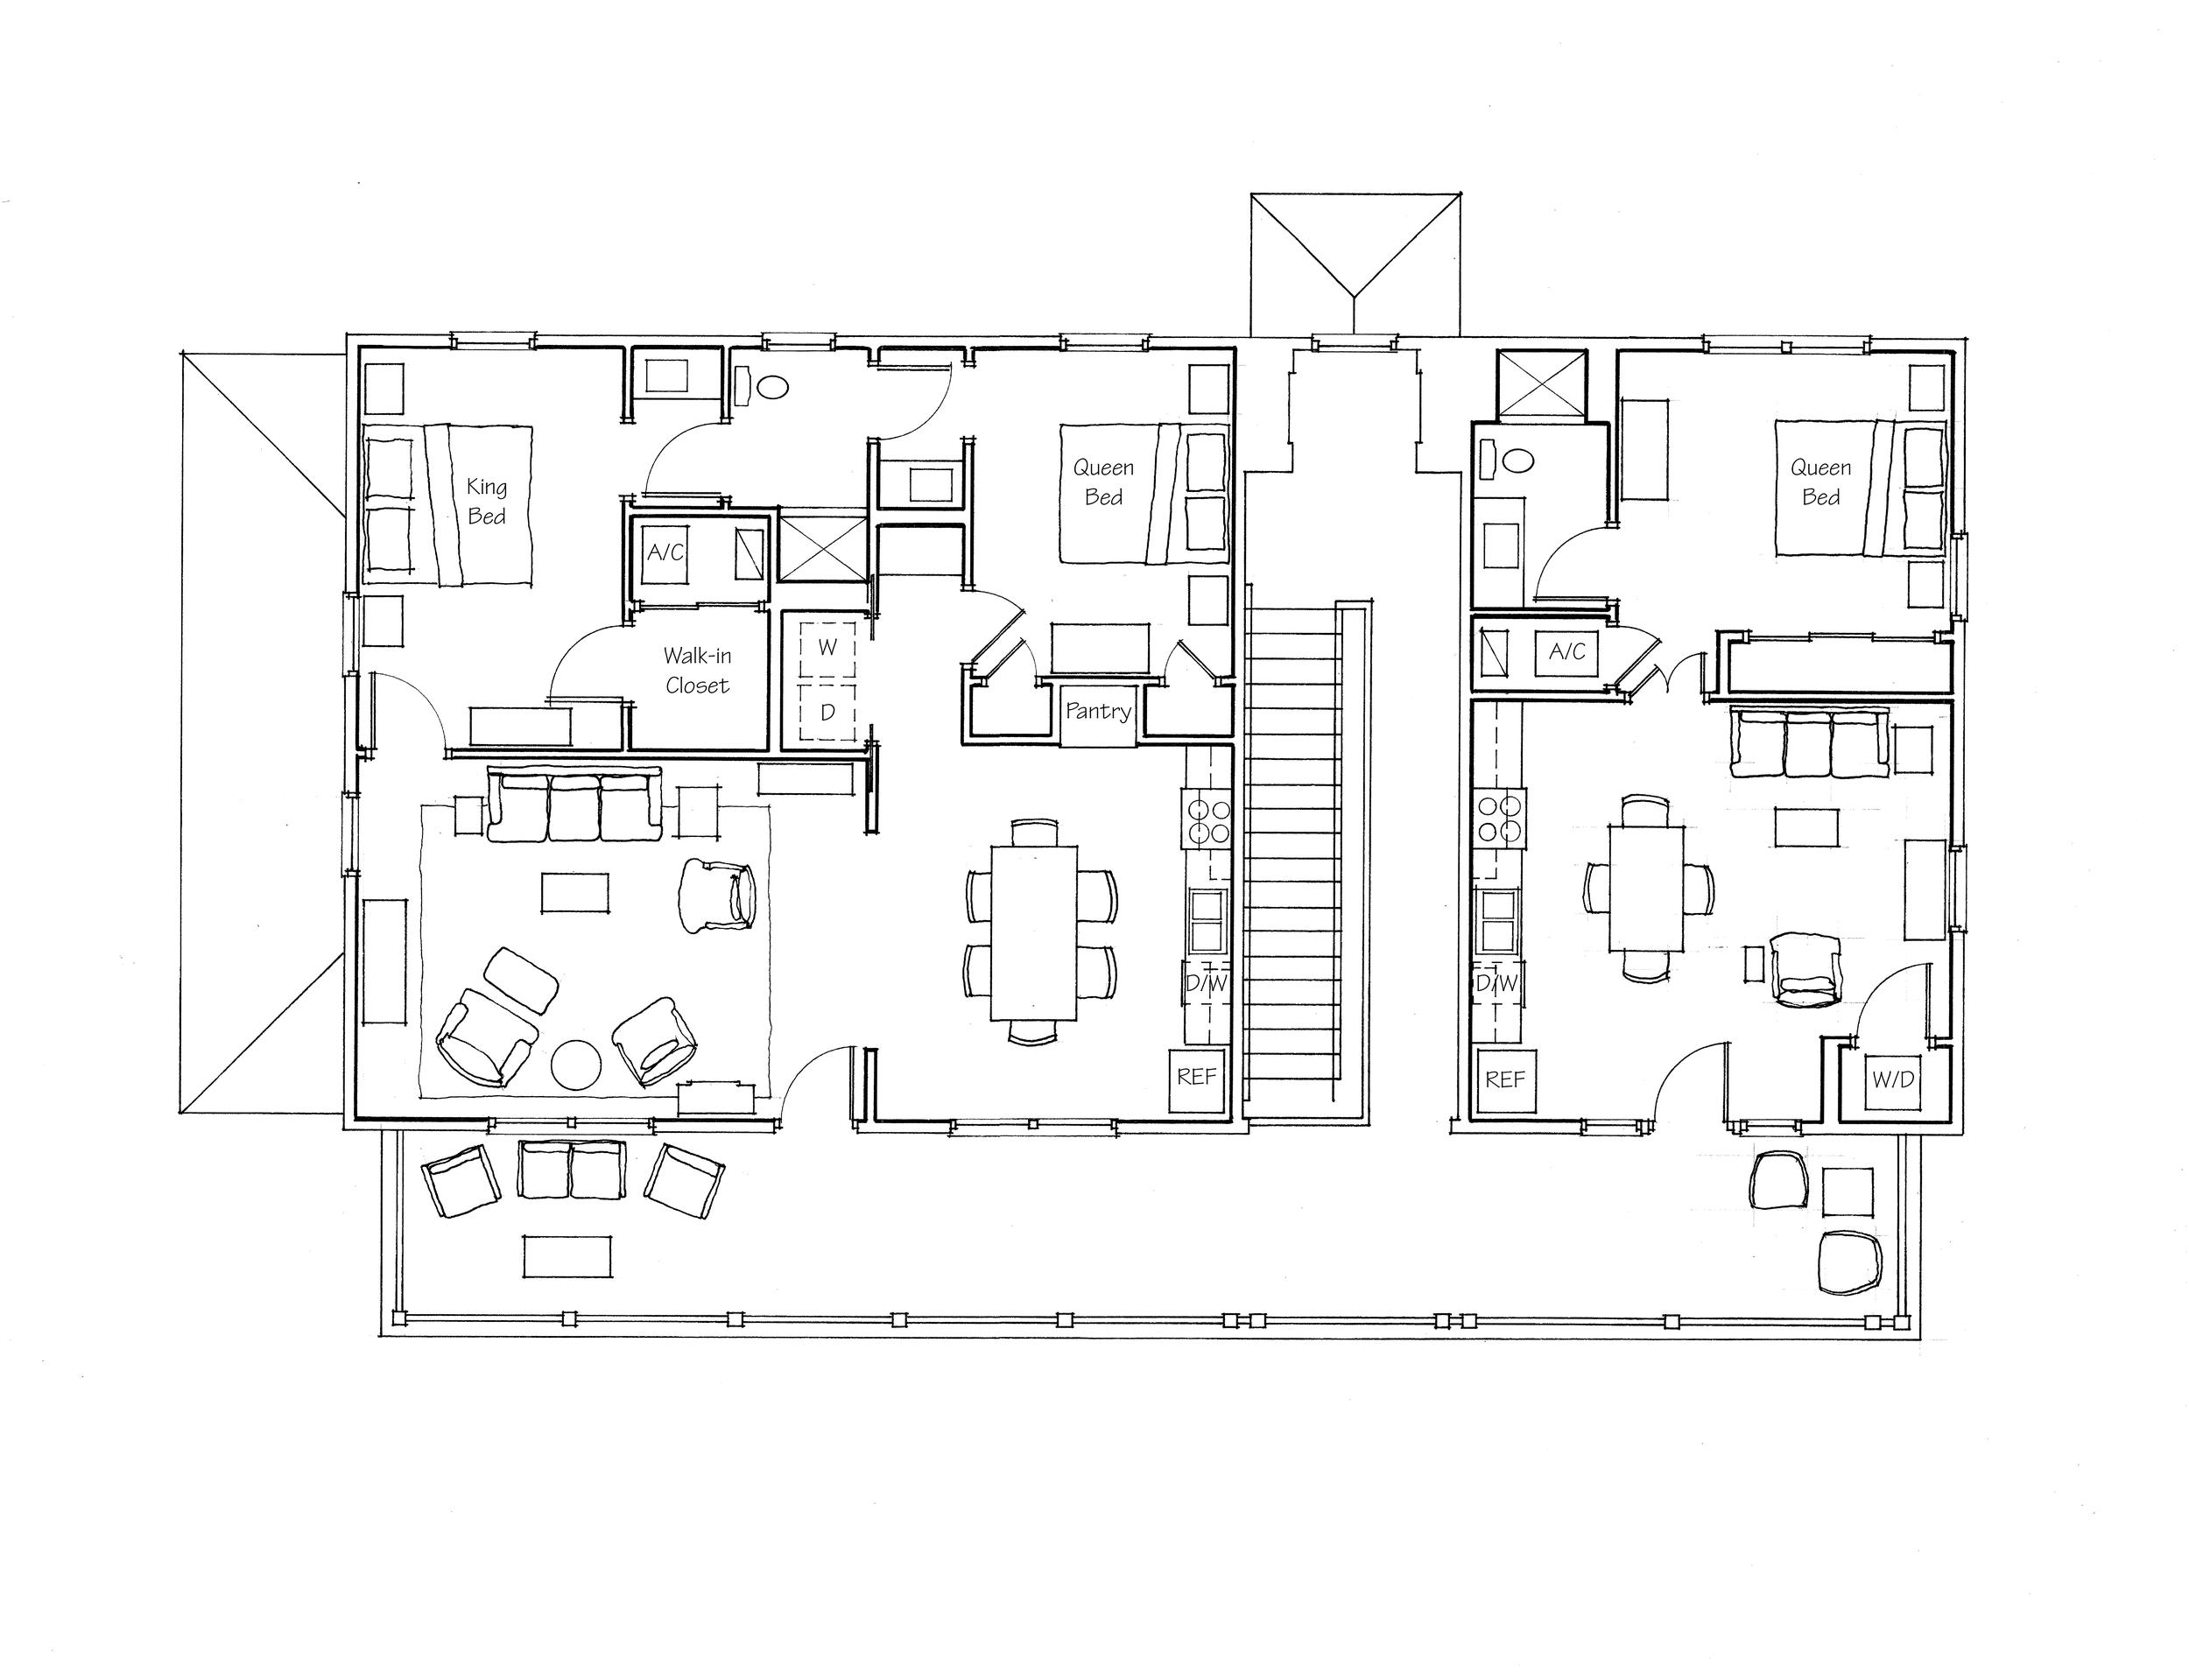 210 W. 22nd St. - 2nd Floor